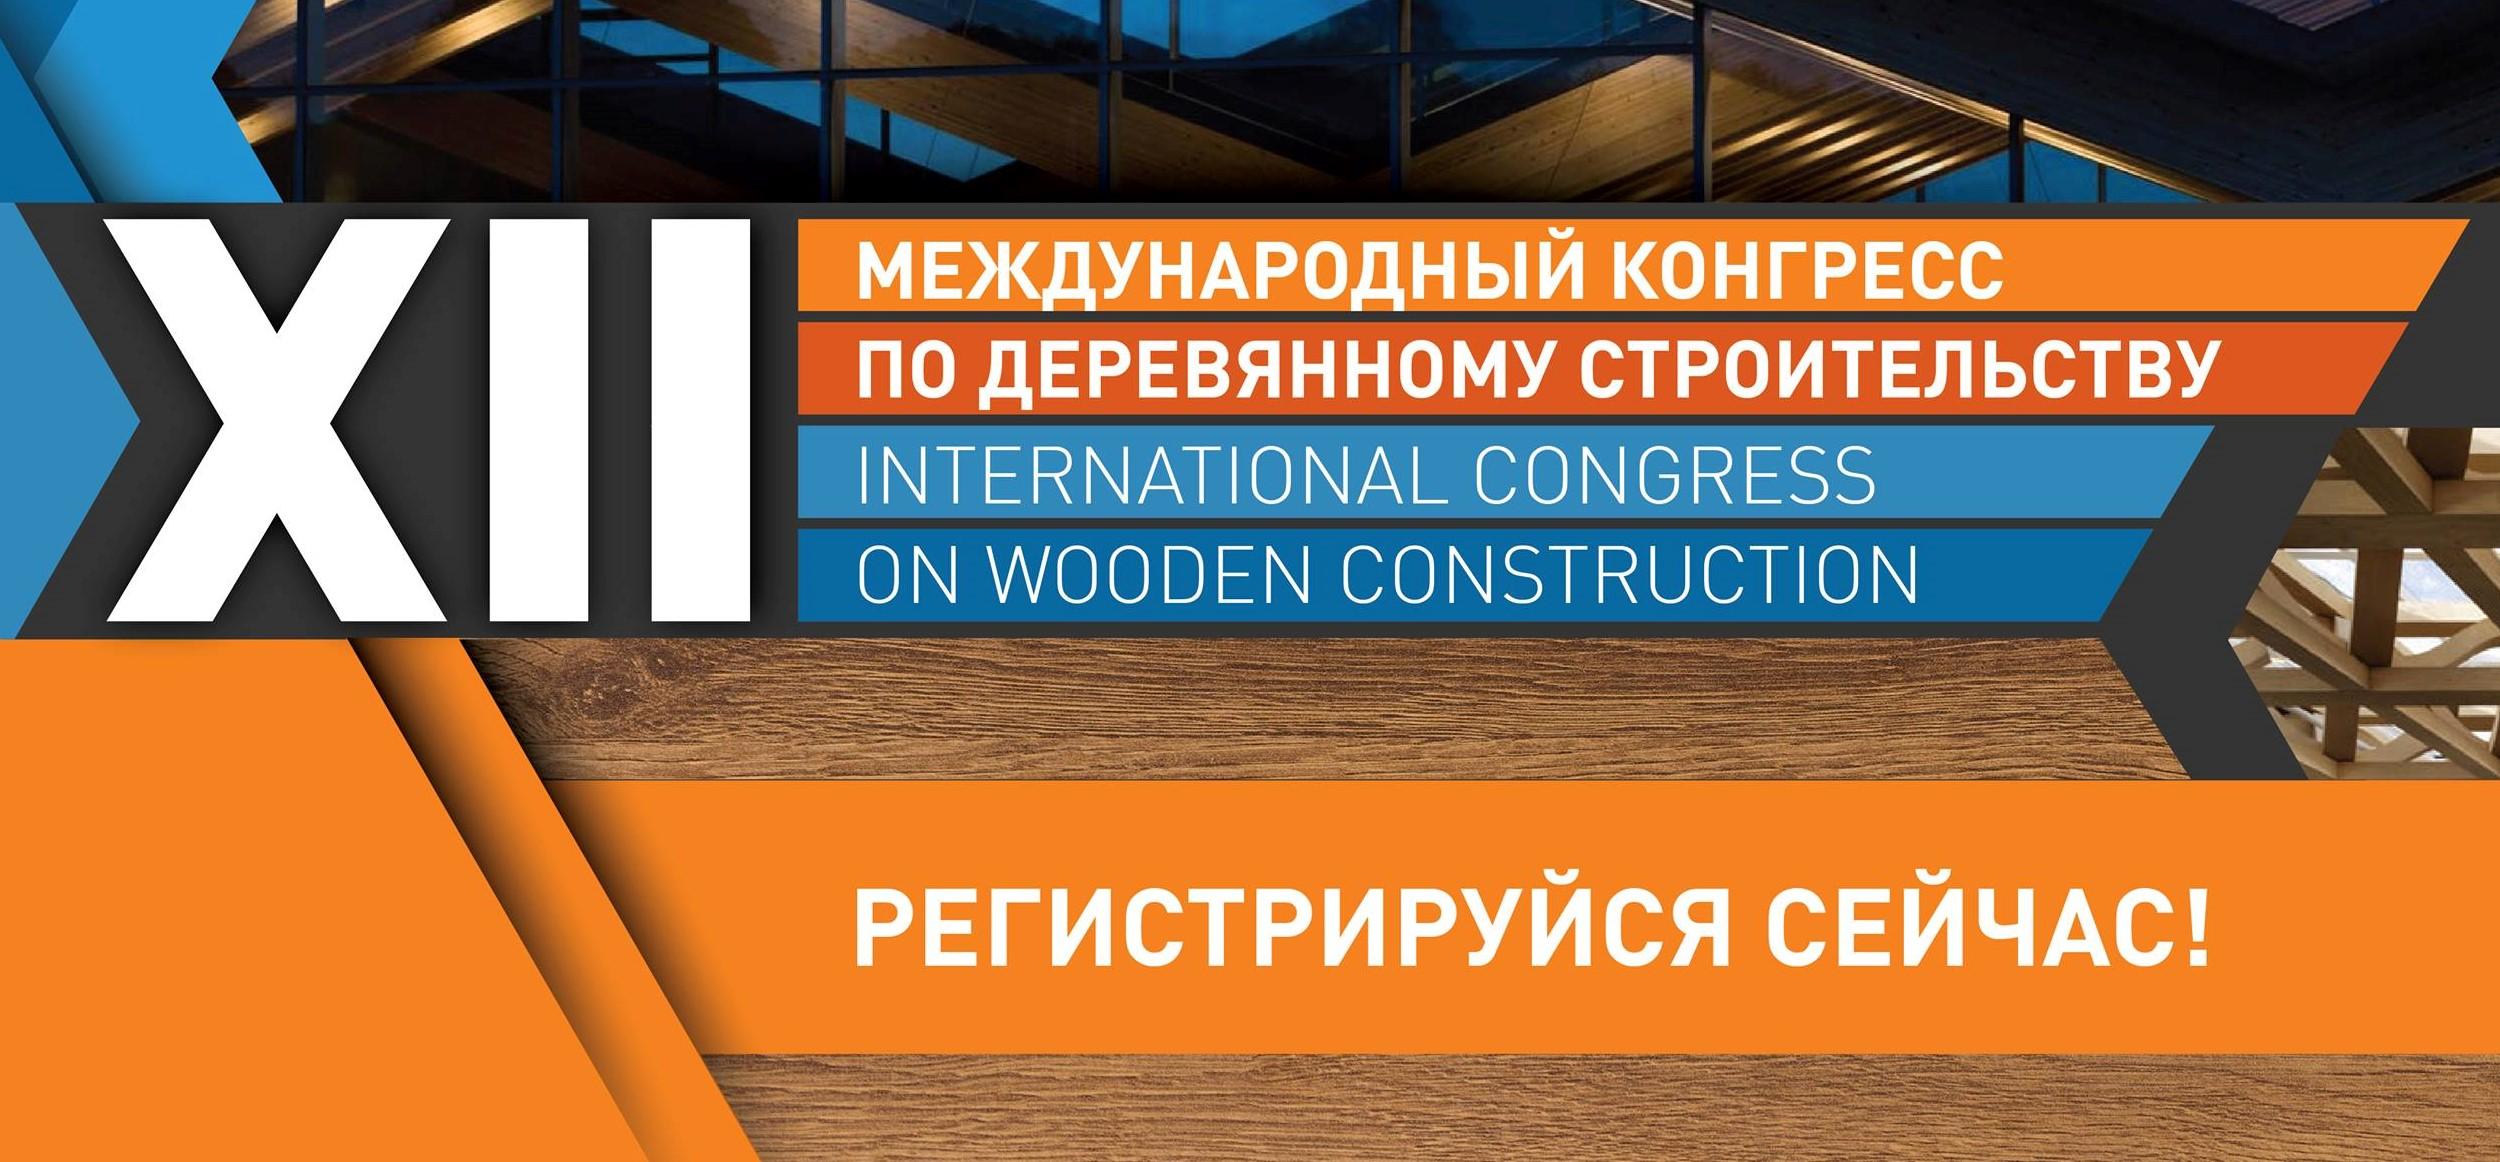 Конгрессы в россии в 2019 году новое фото